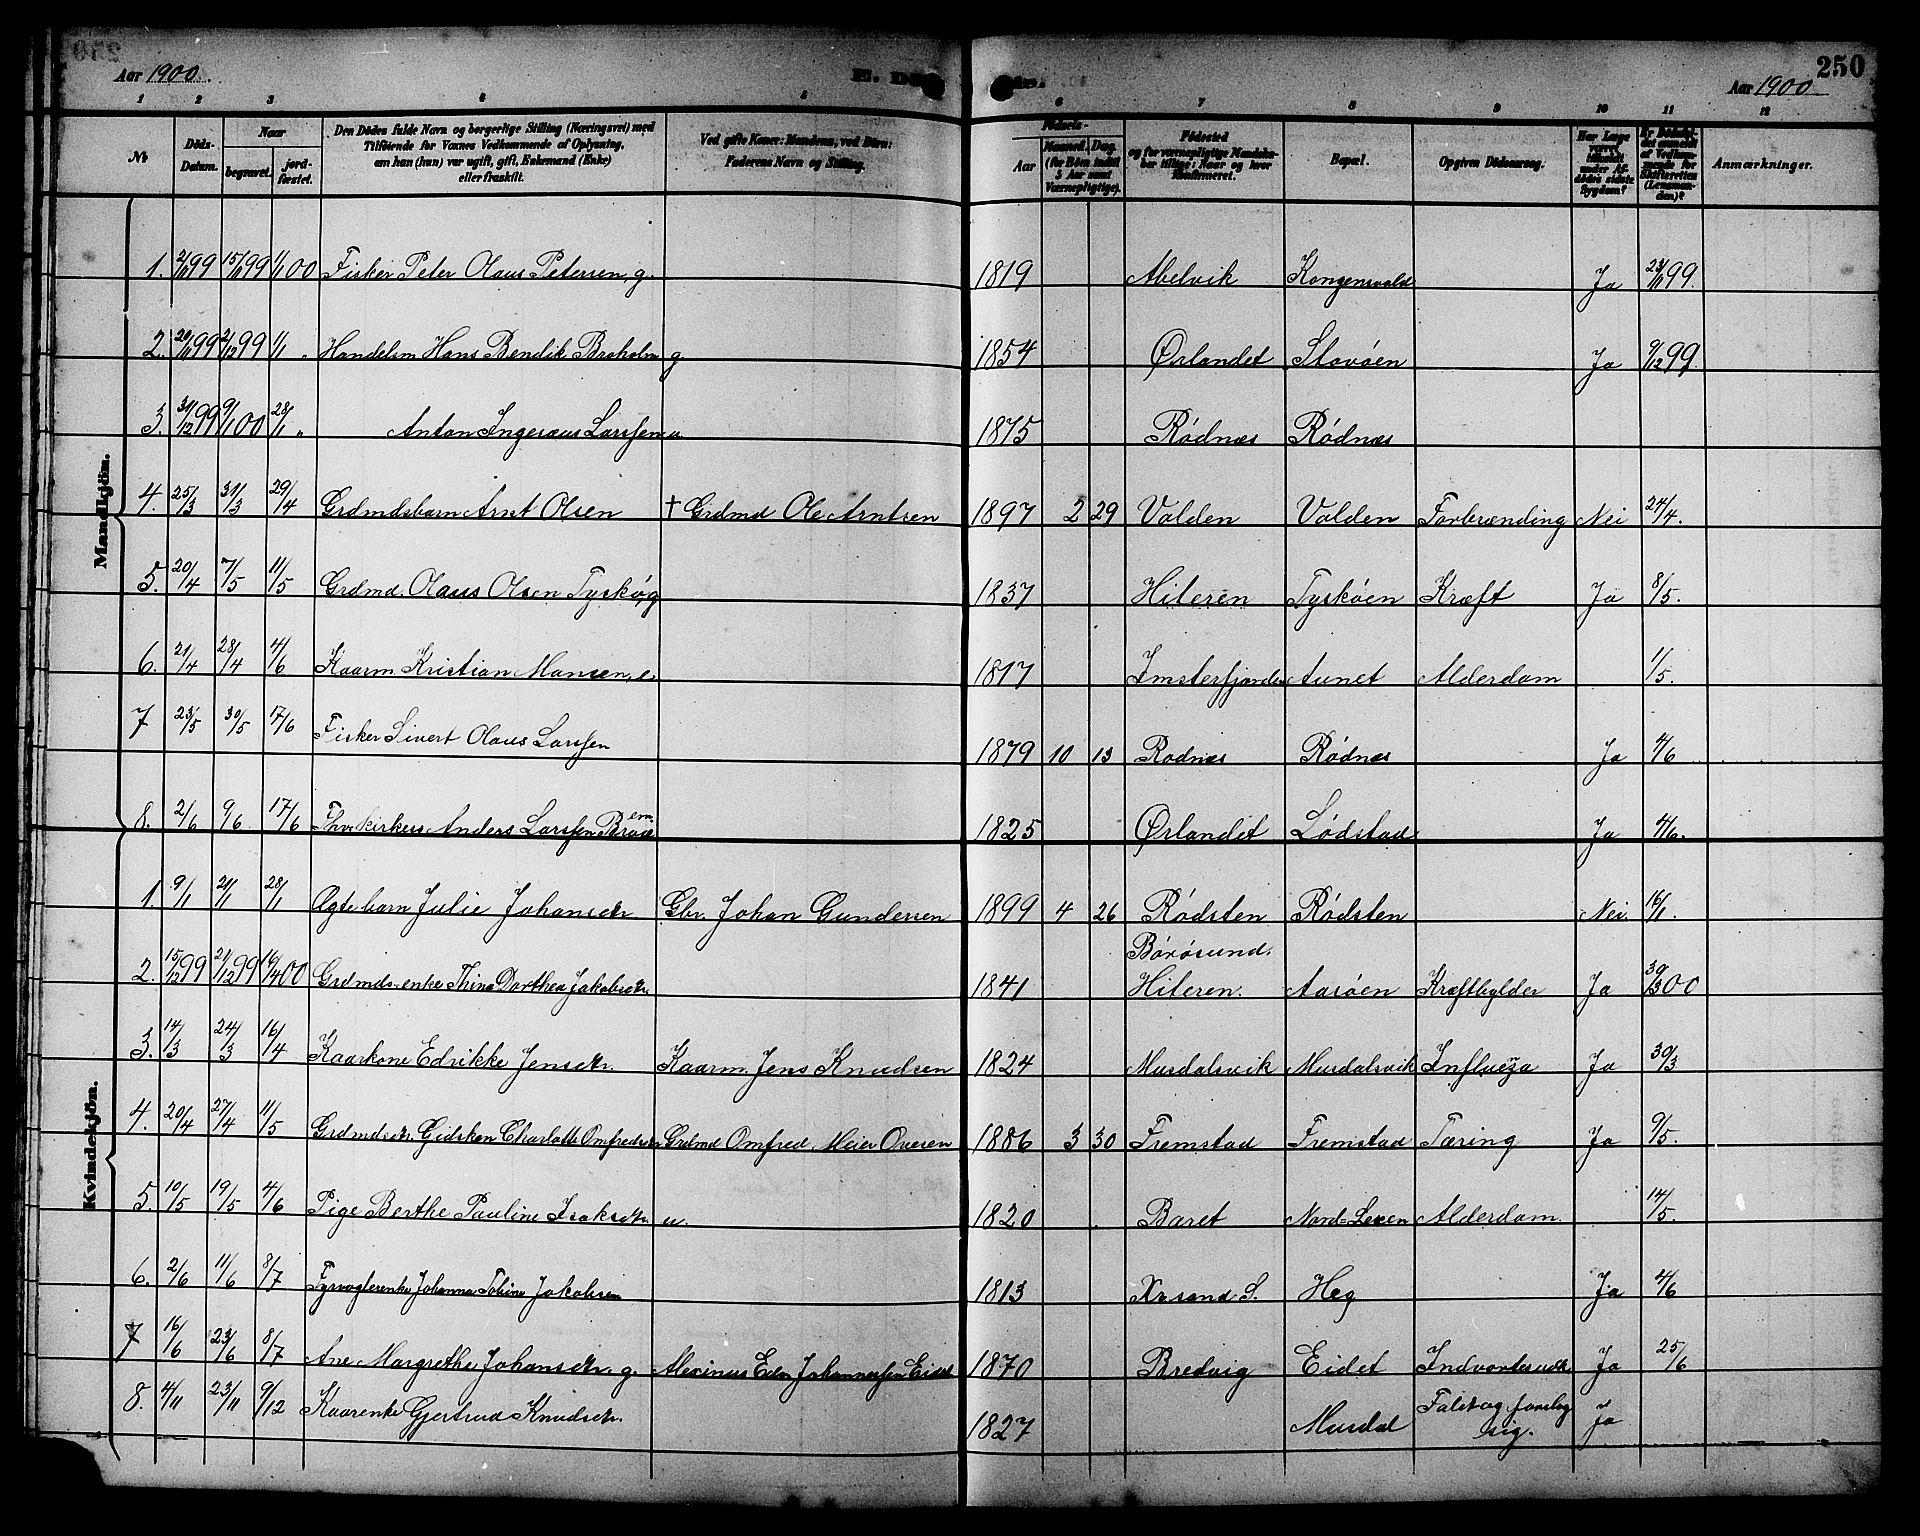 SAT, Ministerialprotokoller, klokkerbøker og fødselsregistre - Sør-Trøndelag, 662/L0757: Klokkerbok nr. 662C02, 1892-1918, s. 250